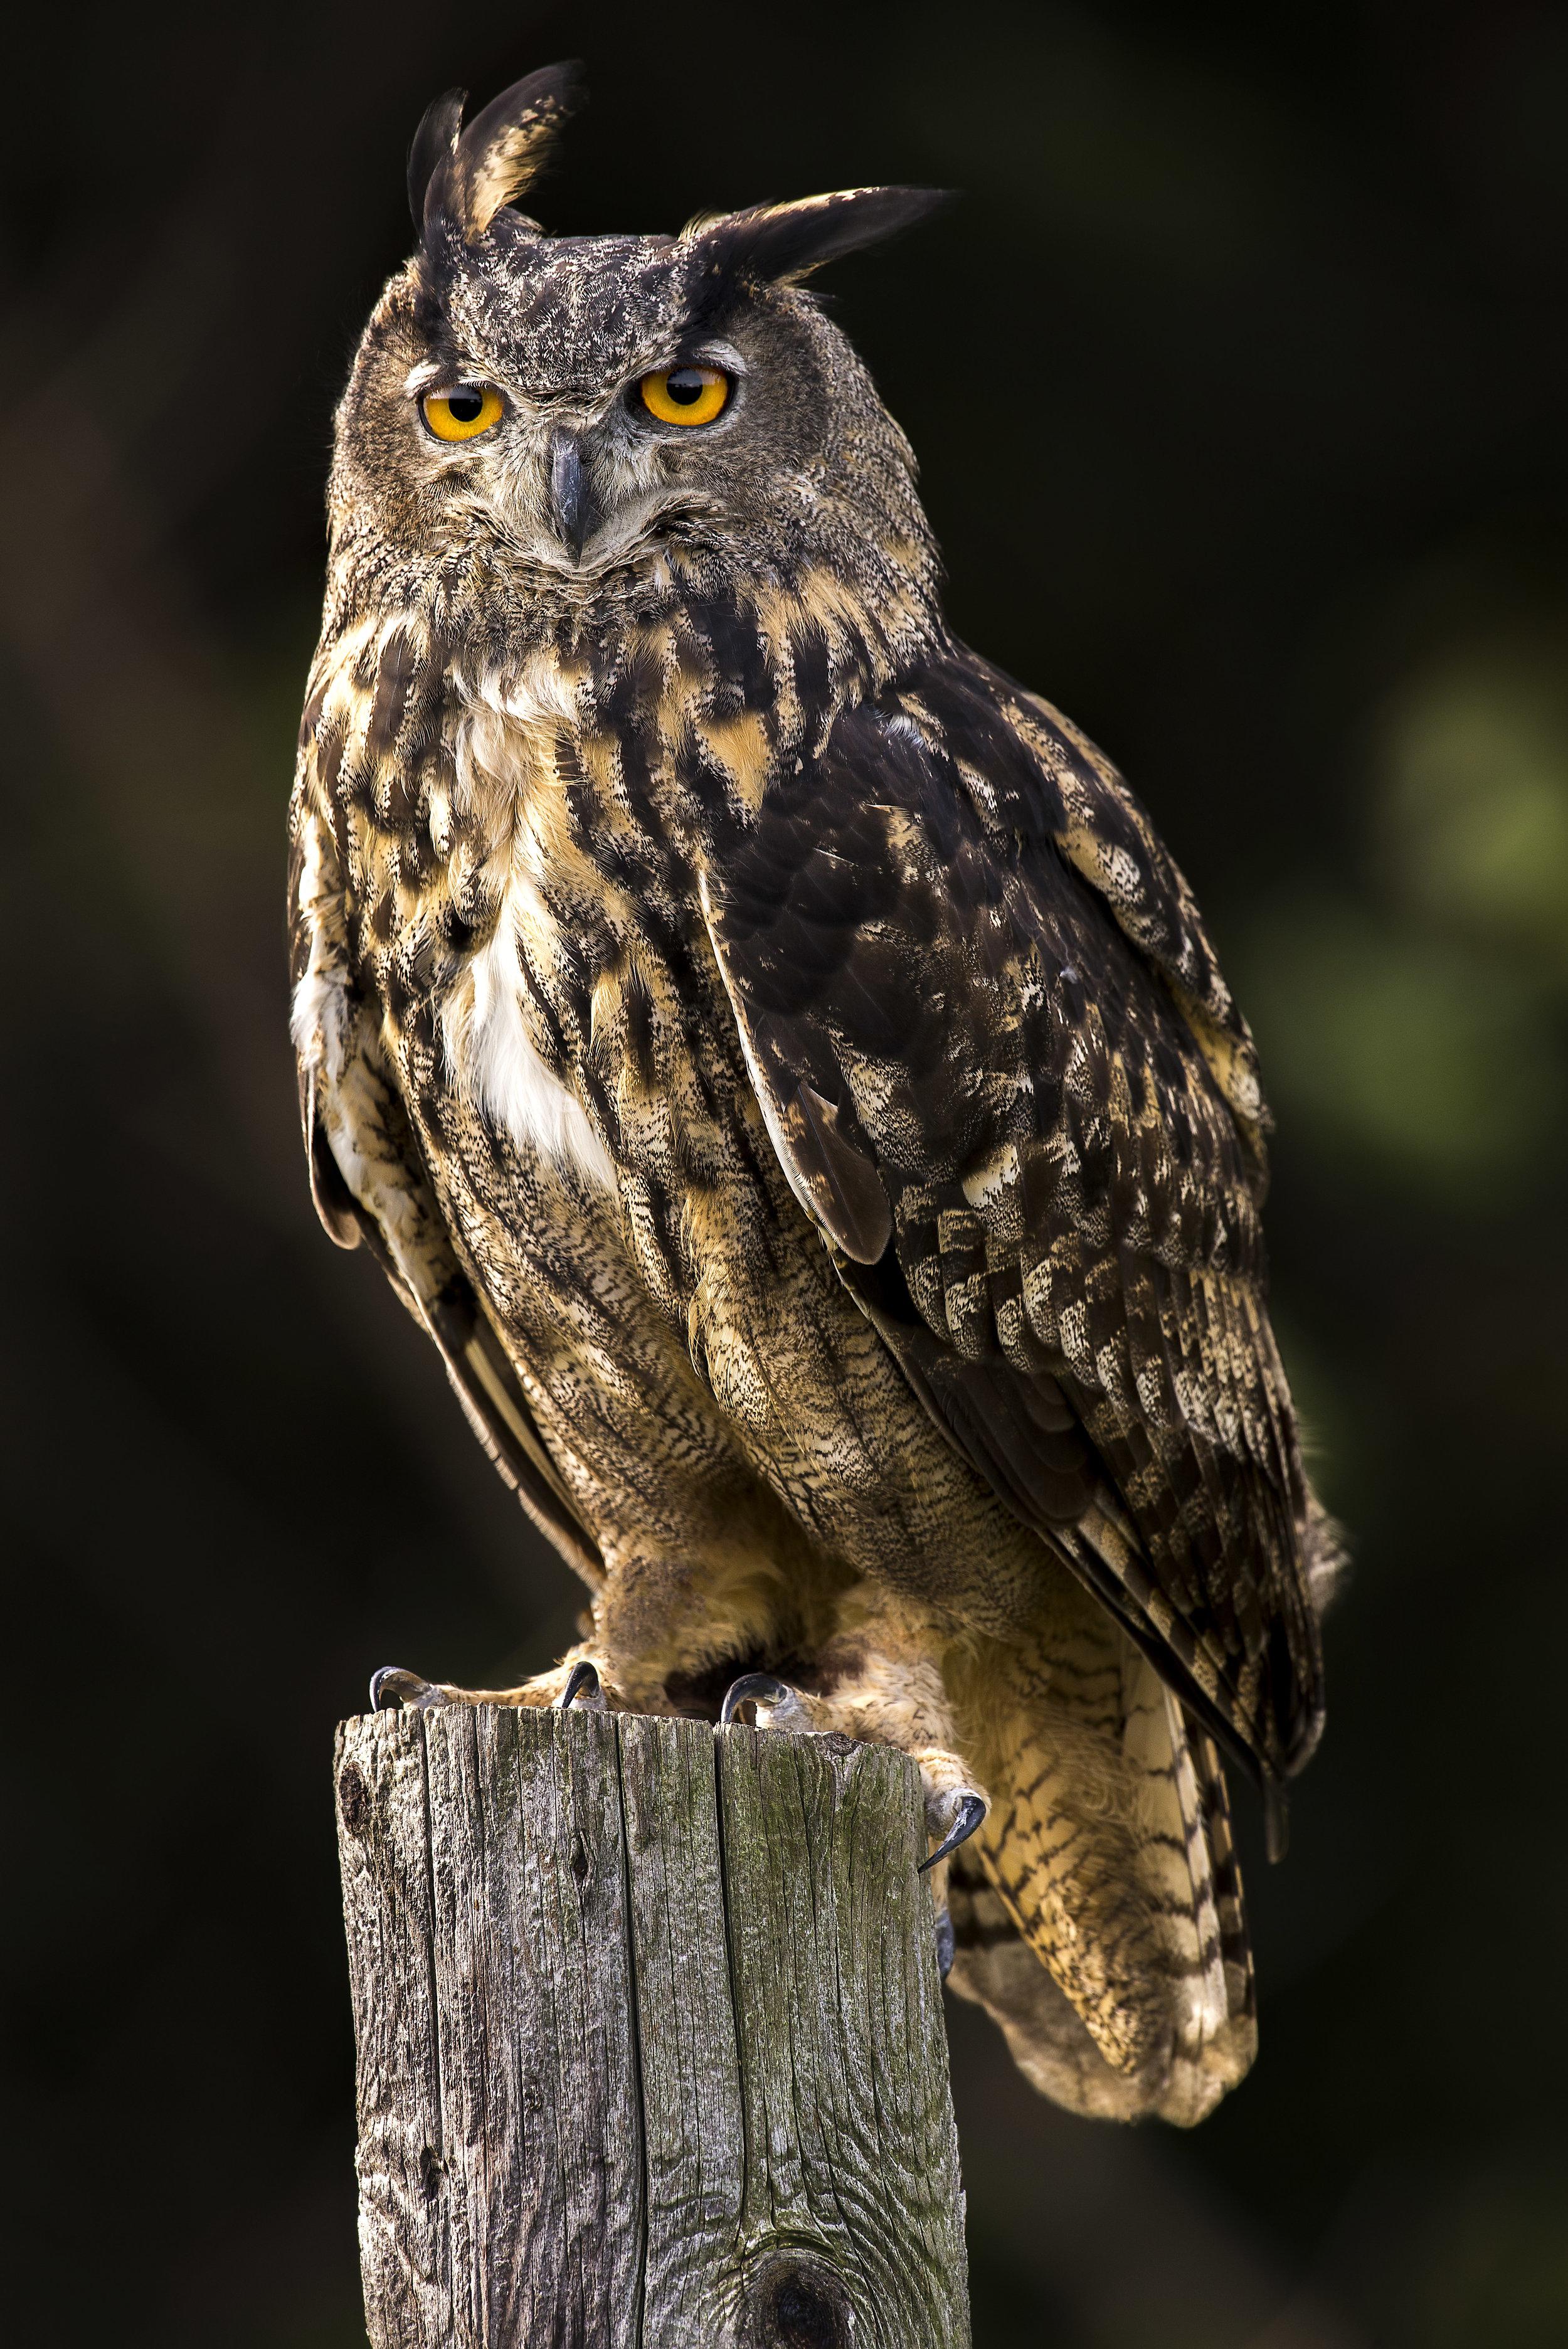 Eurasion eagle owl Sept 26.jpg